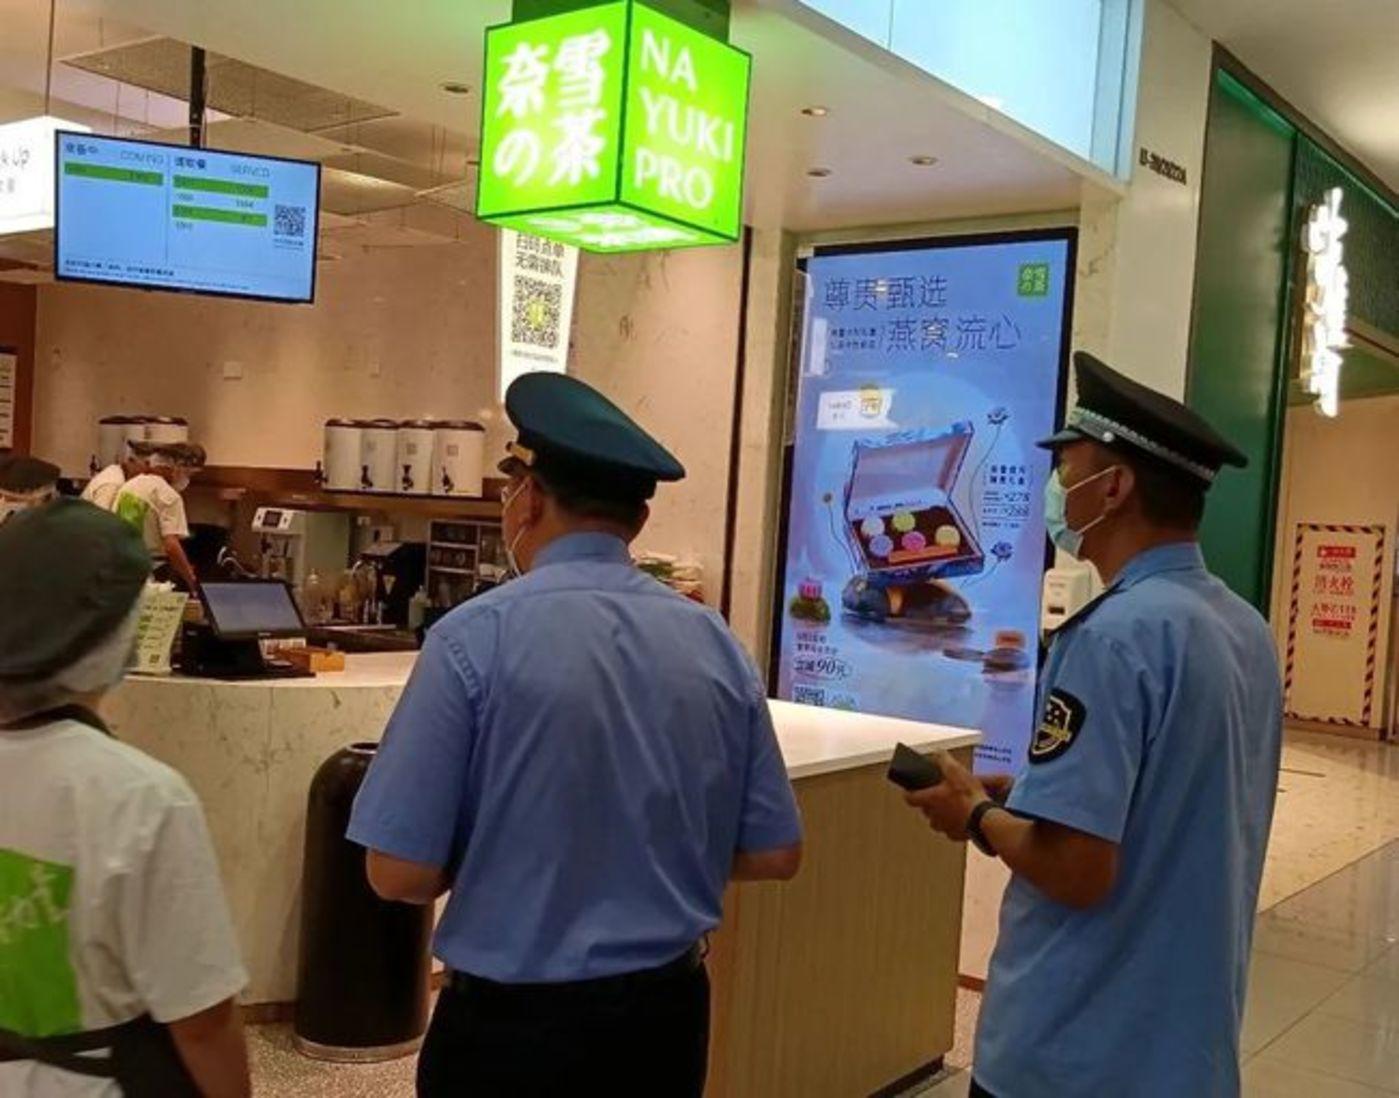 图片来源:北京市西城区市场监管局公众号